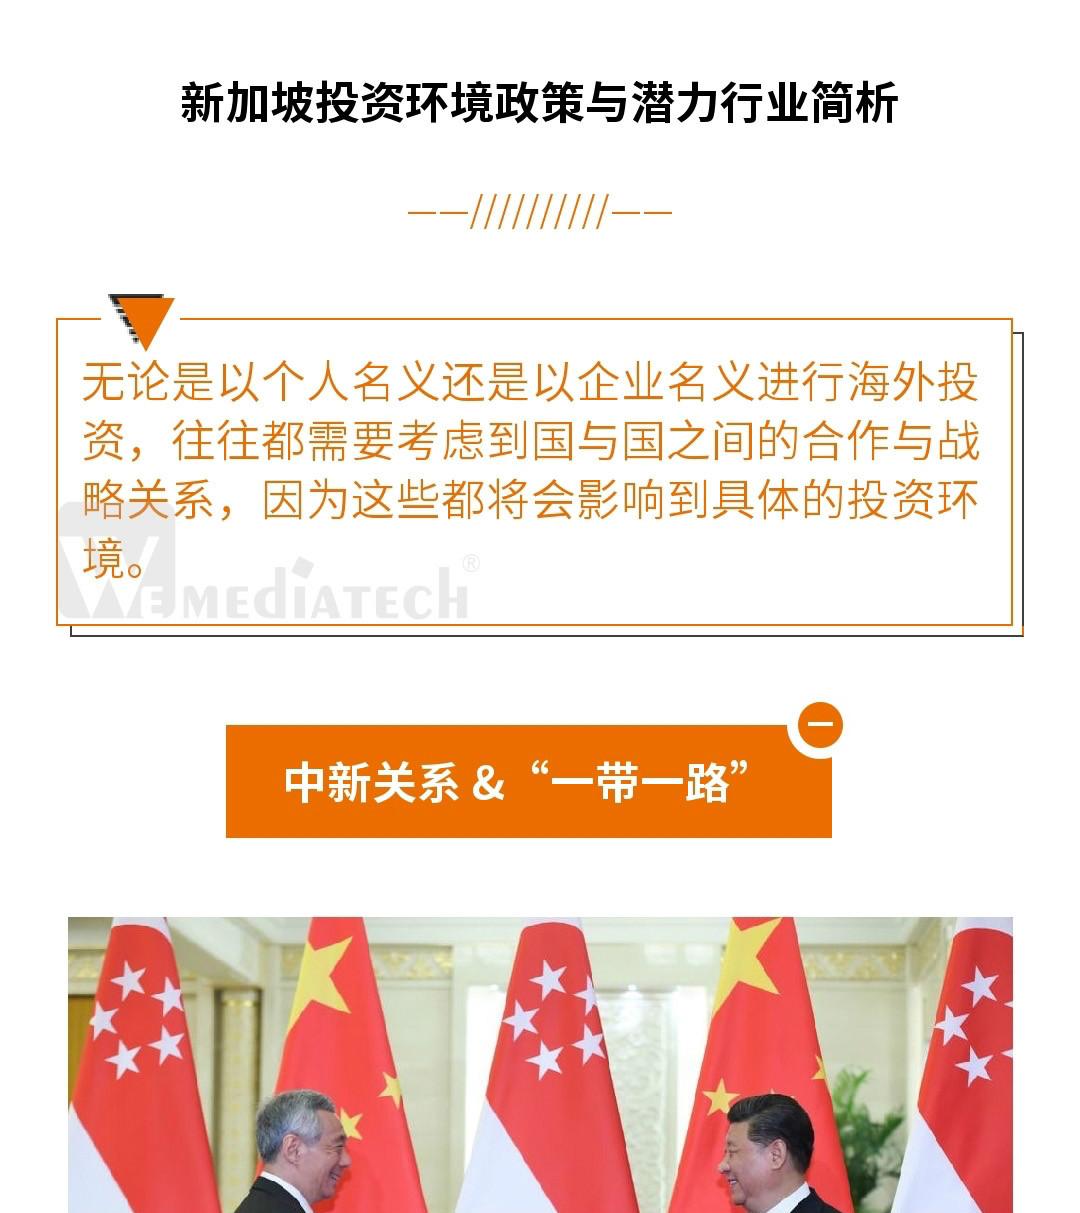 xingye1_qietu_1.jpg